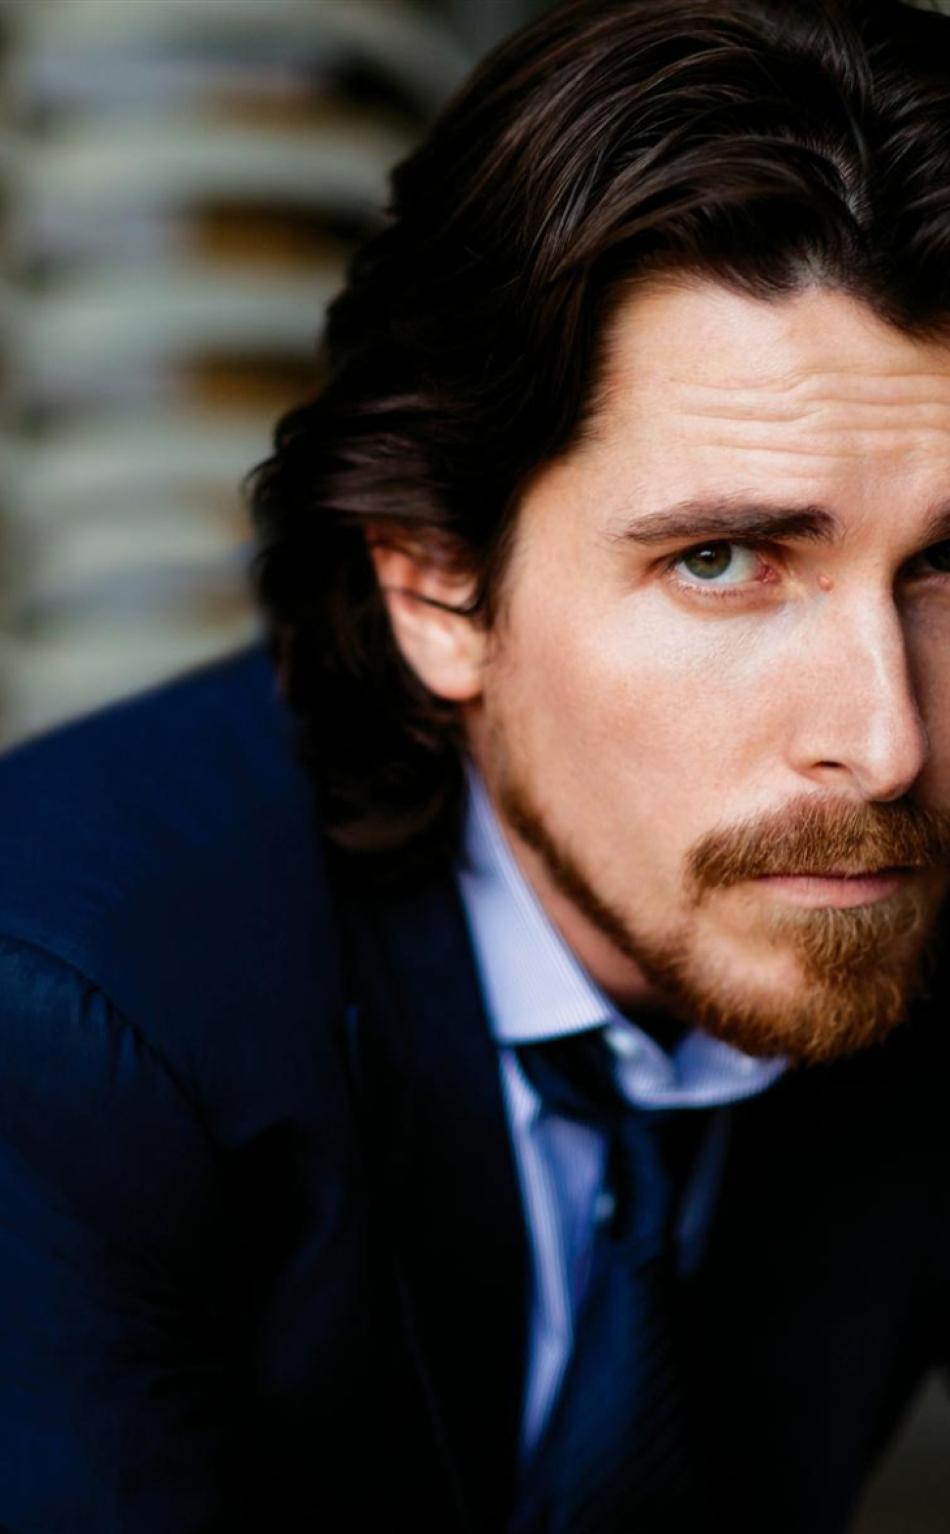 Download Christian Bale In Film Dispenser 1152x864 Resolution Full